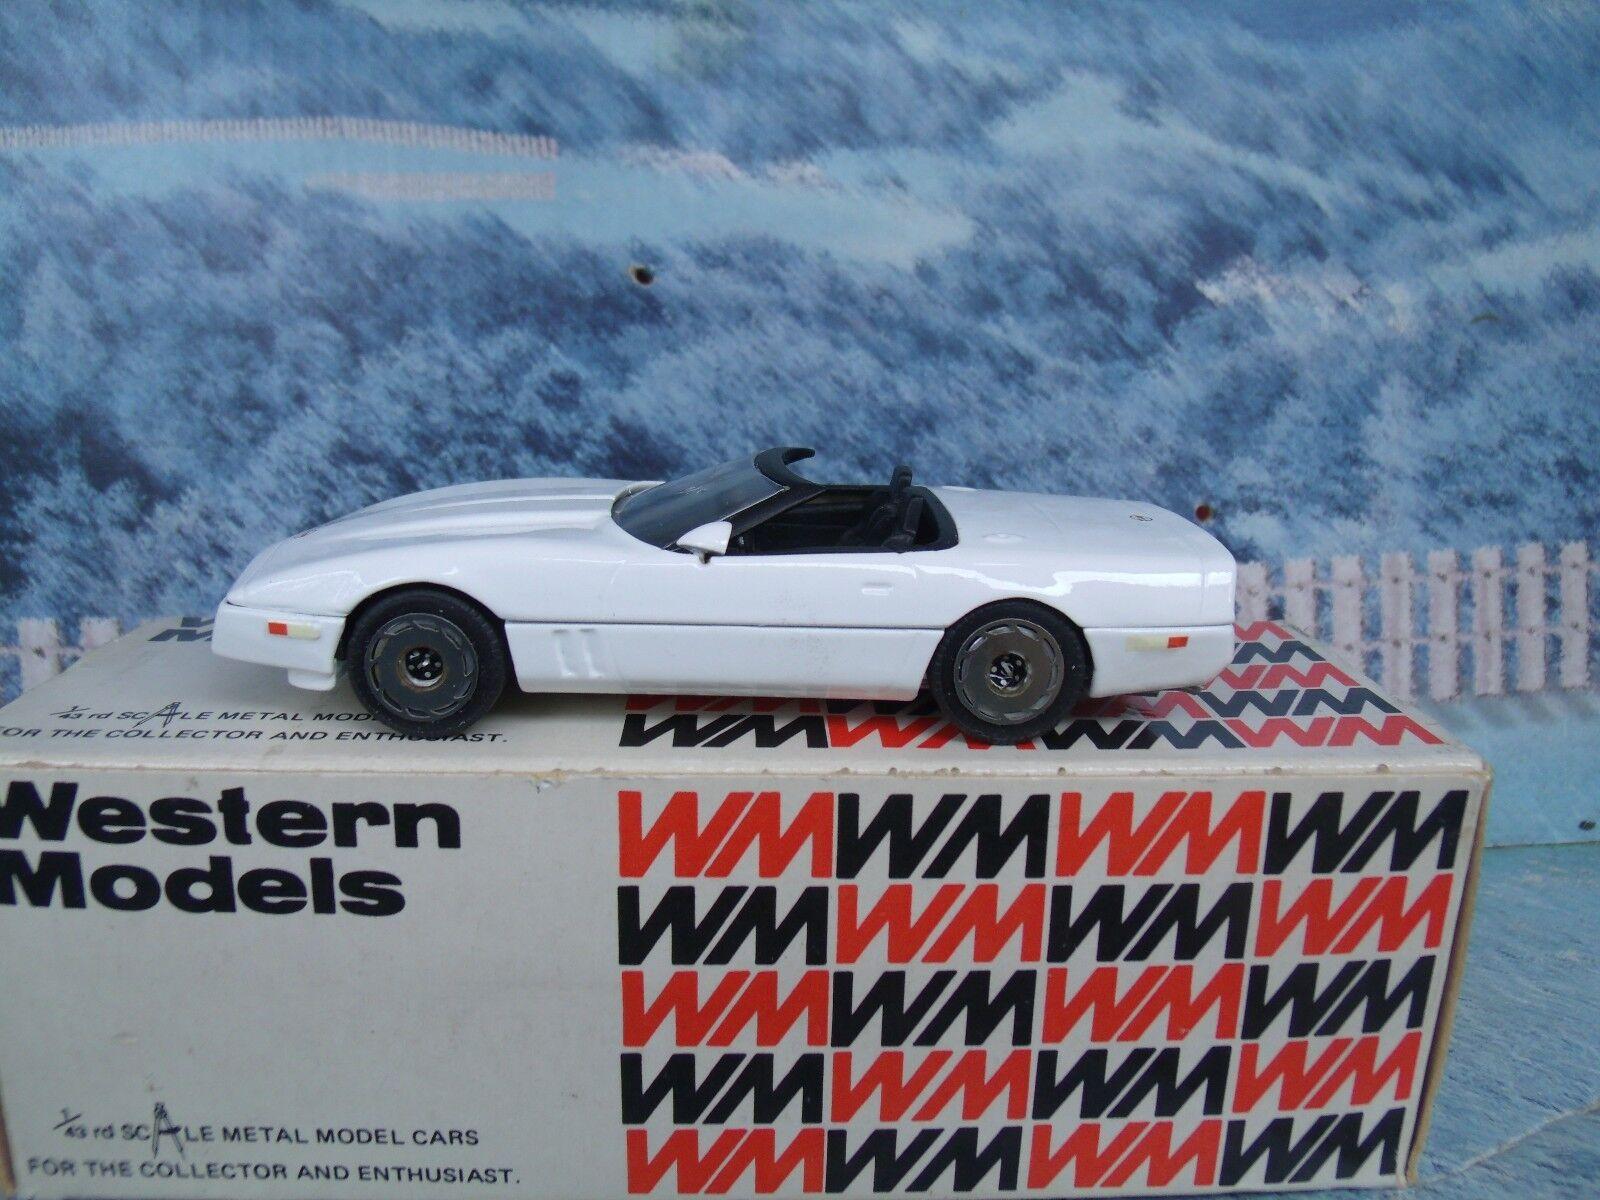 1/43 Western models  Chevrolet corvette 1983 WP 108